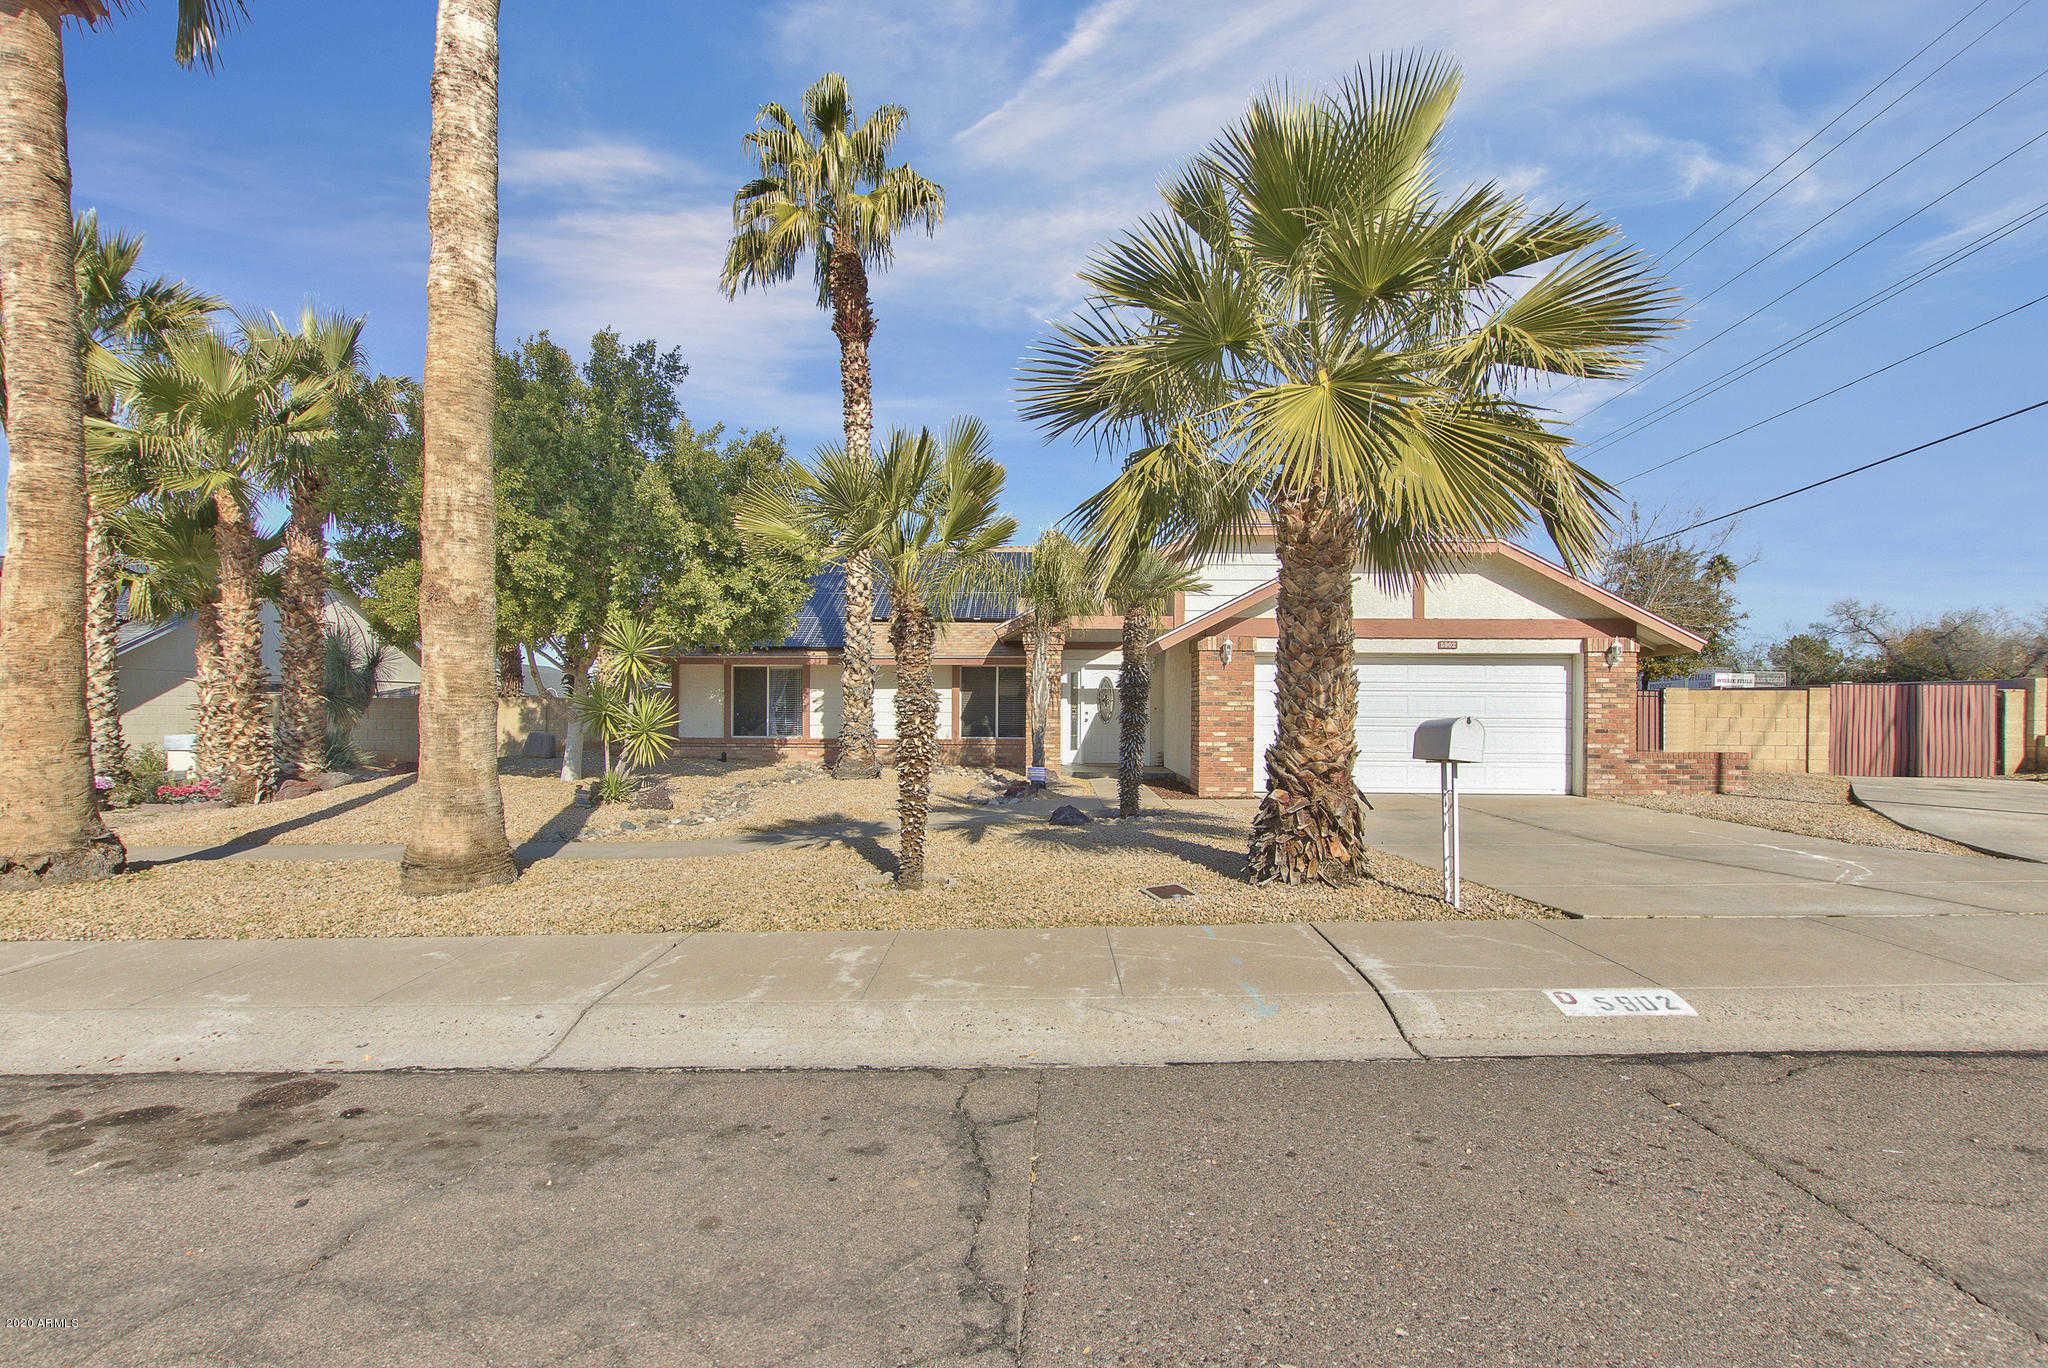 $357,000 - 3Br/2Ba - Home for Sale in Sunset Vista 1 Lot 1-101, Glendale